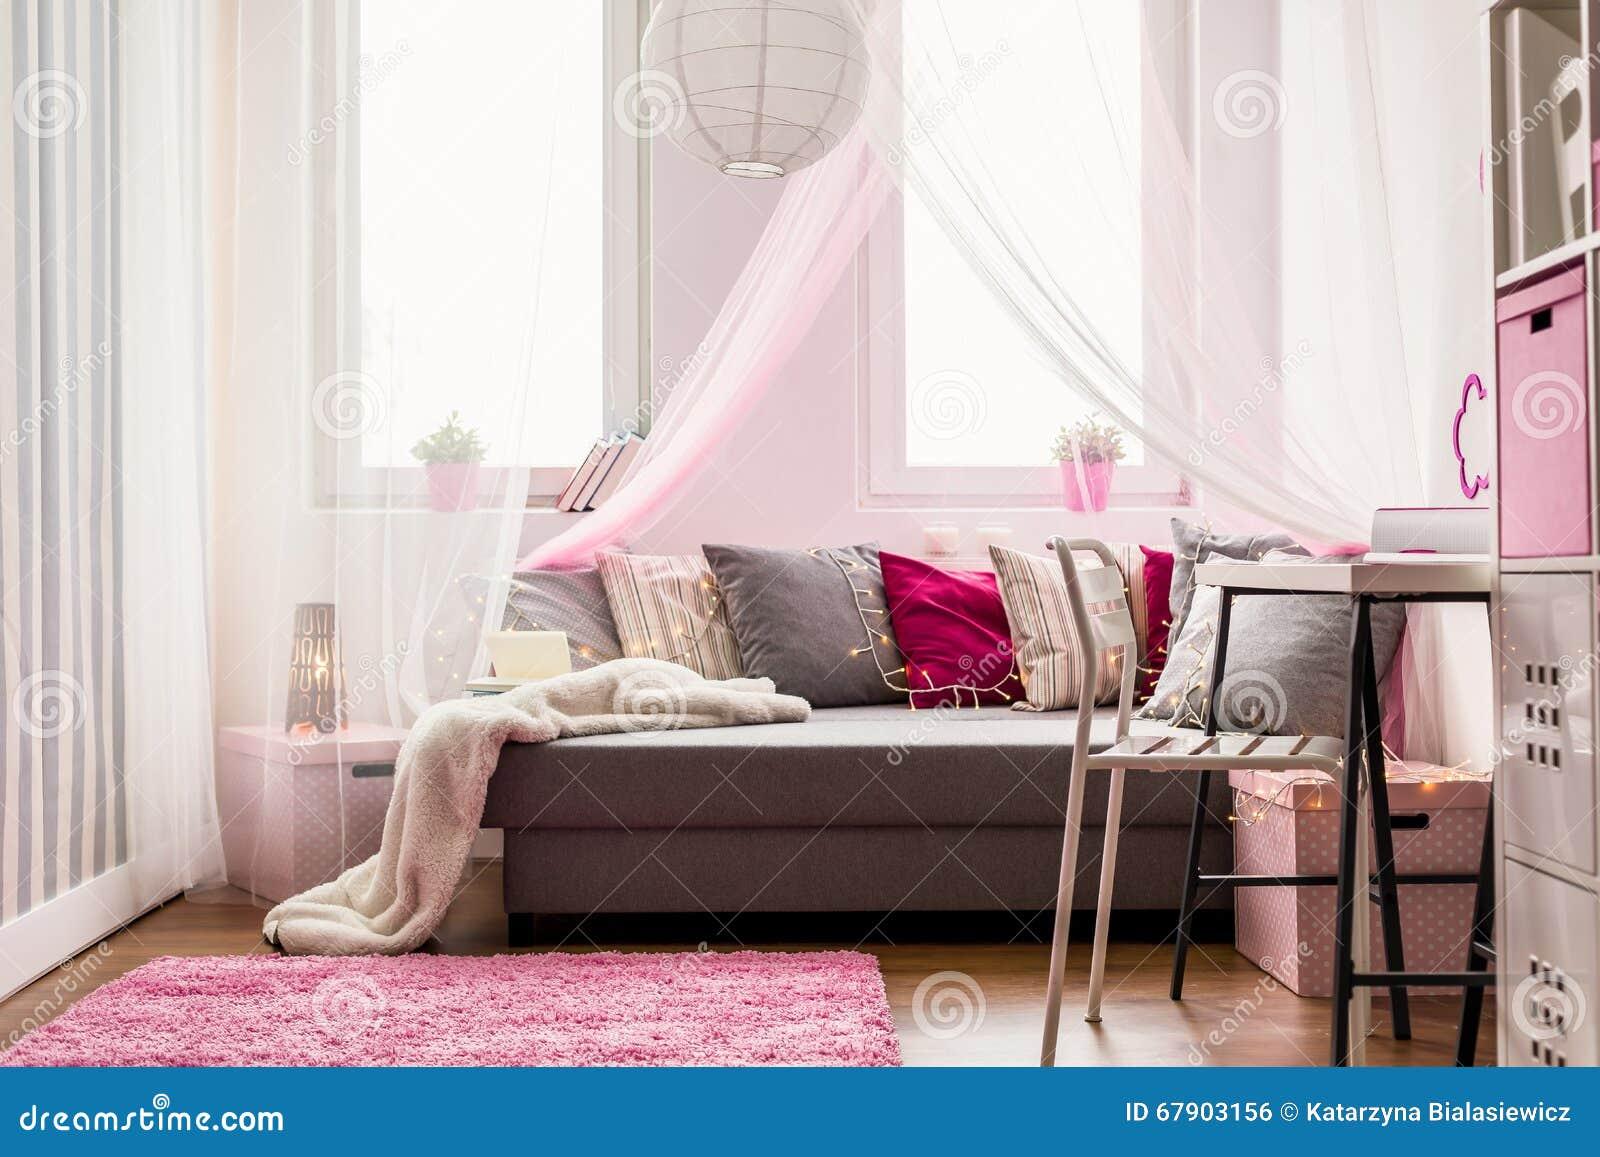 Stilvolle Schlafzimmer | Helles Stilvolles Schlafzimmer Stockfoto Bild Von Kind Fussboden